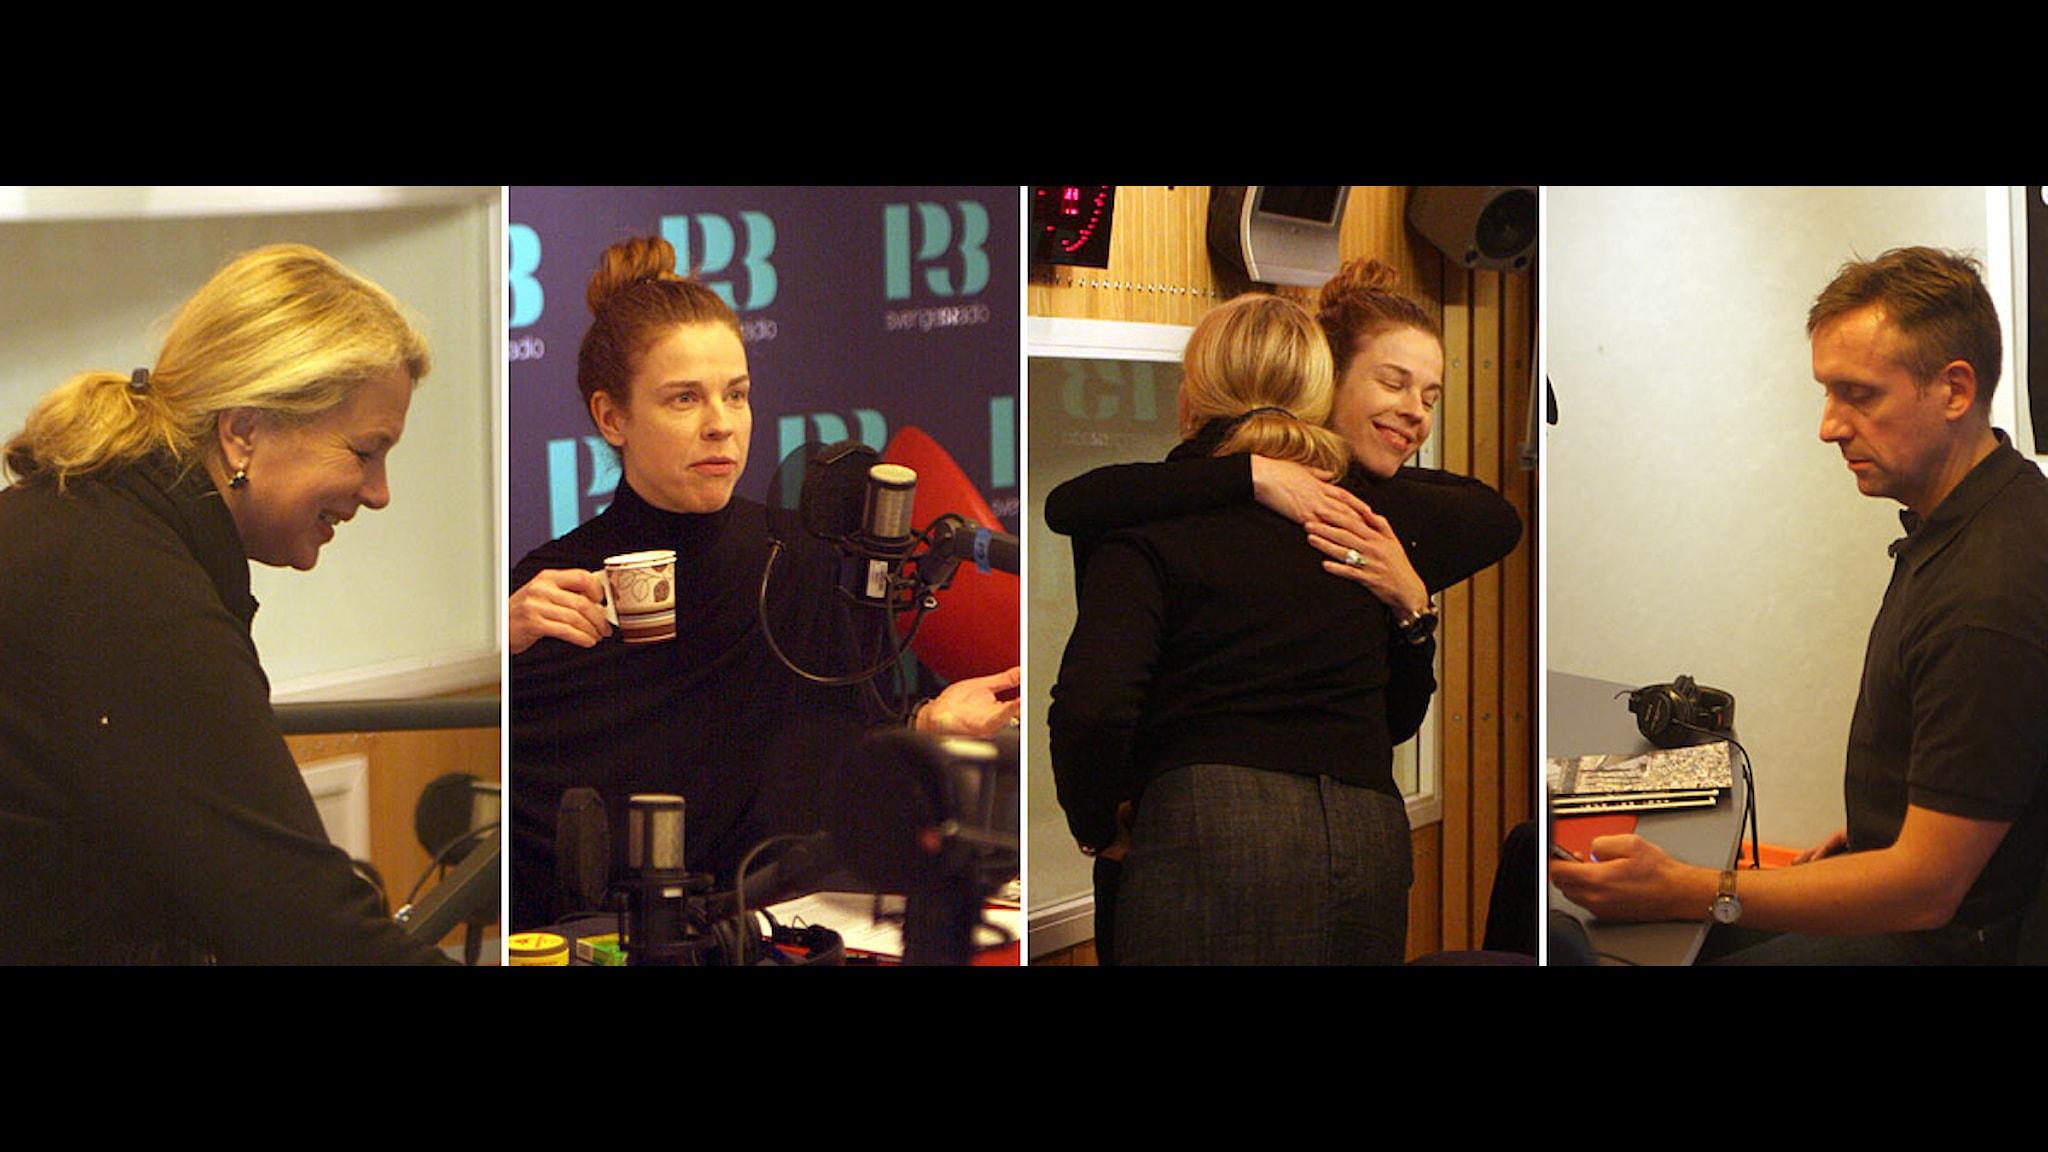 Spanarna 28 oktober 2011. Fotokollage från studion med Helena von Zweigbergk. Göran Everdahl & Jessika Gedin.